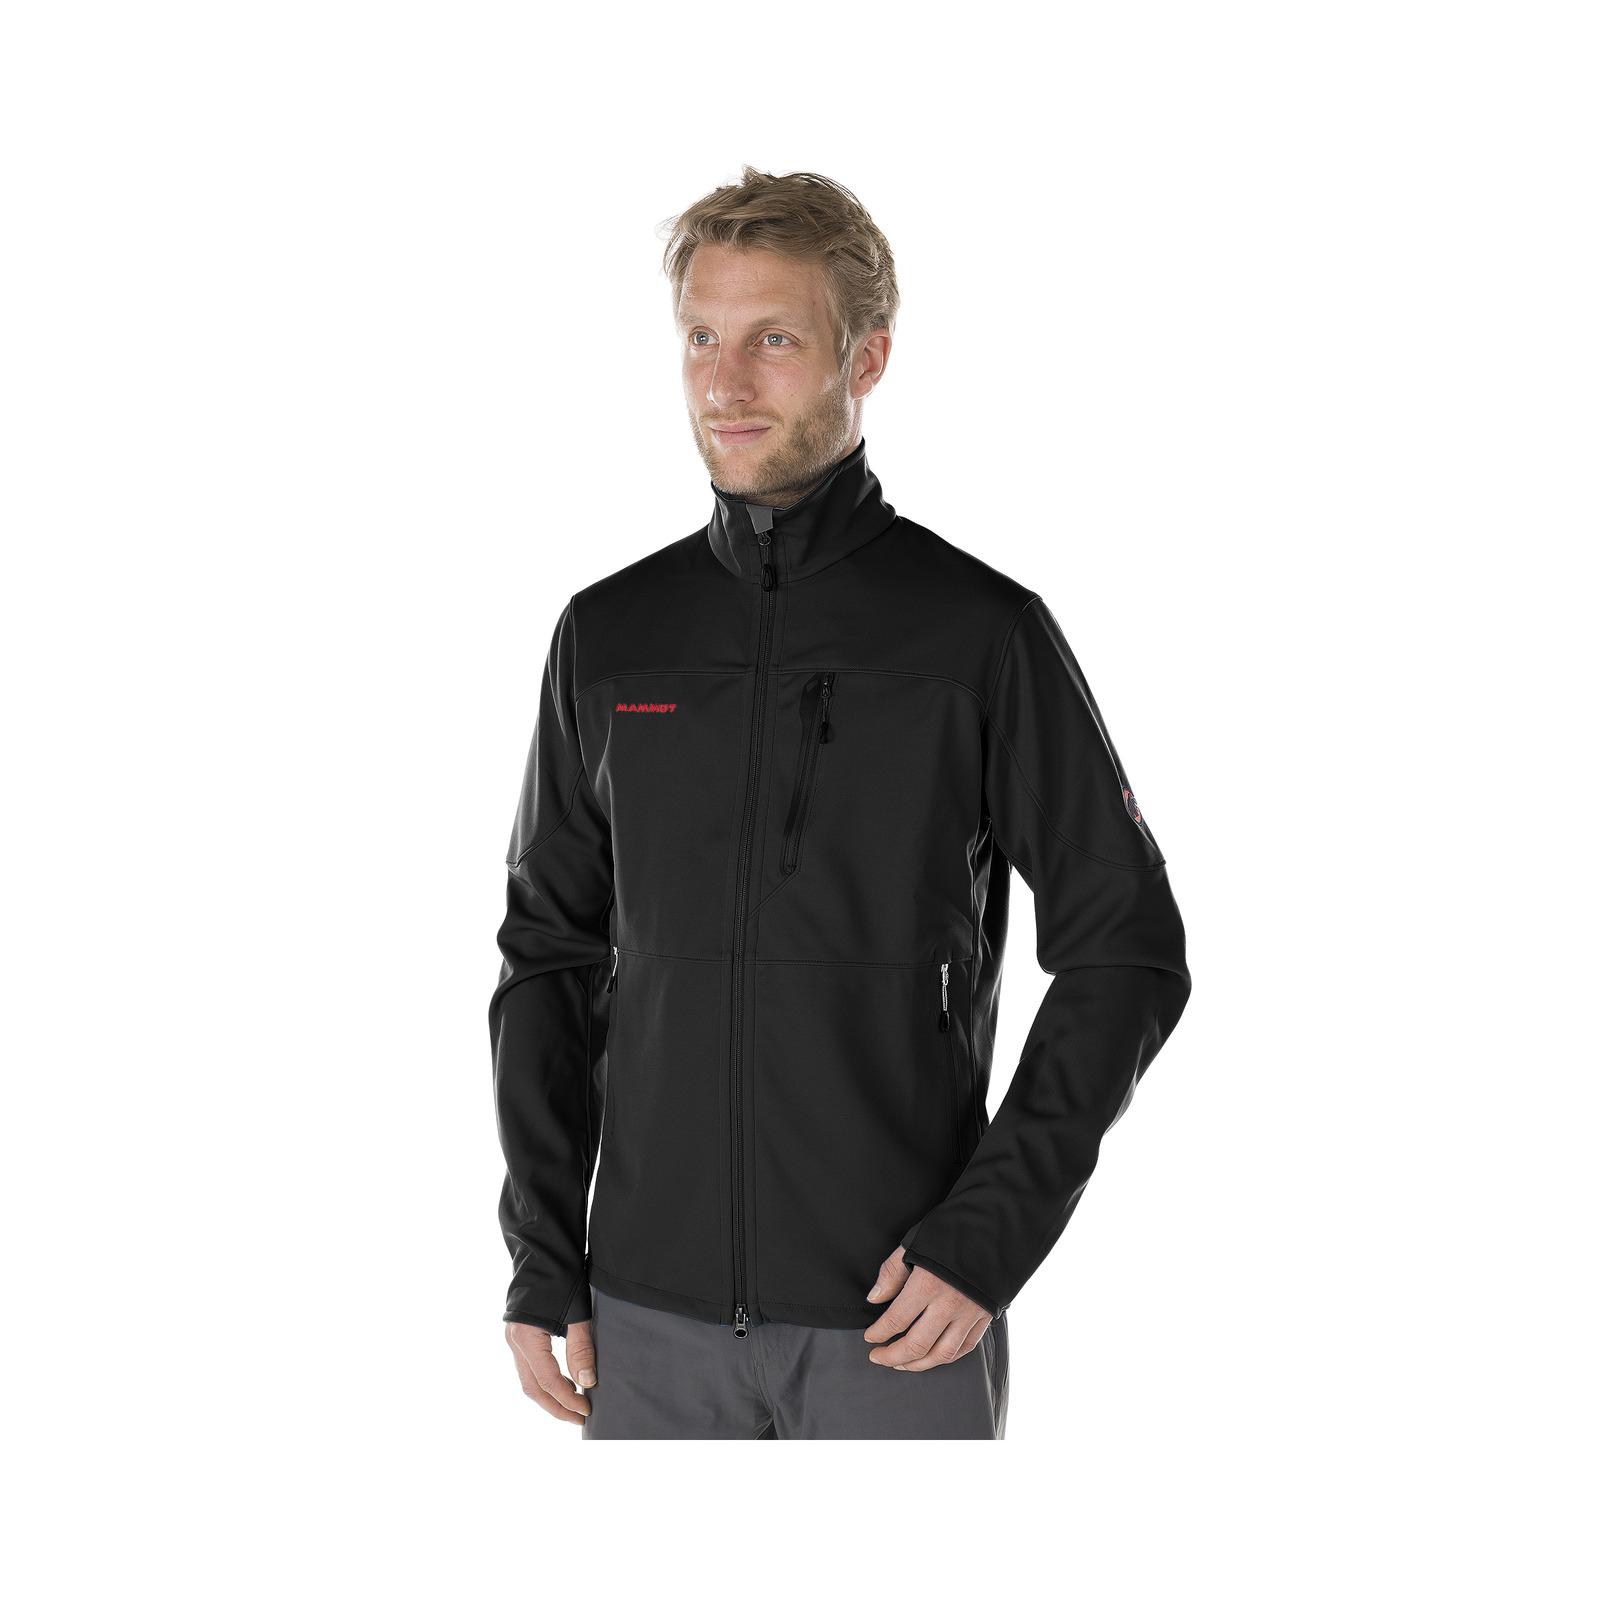 Herren Jacke Ultimate Jacket Men